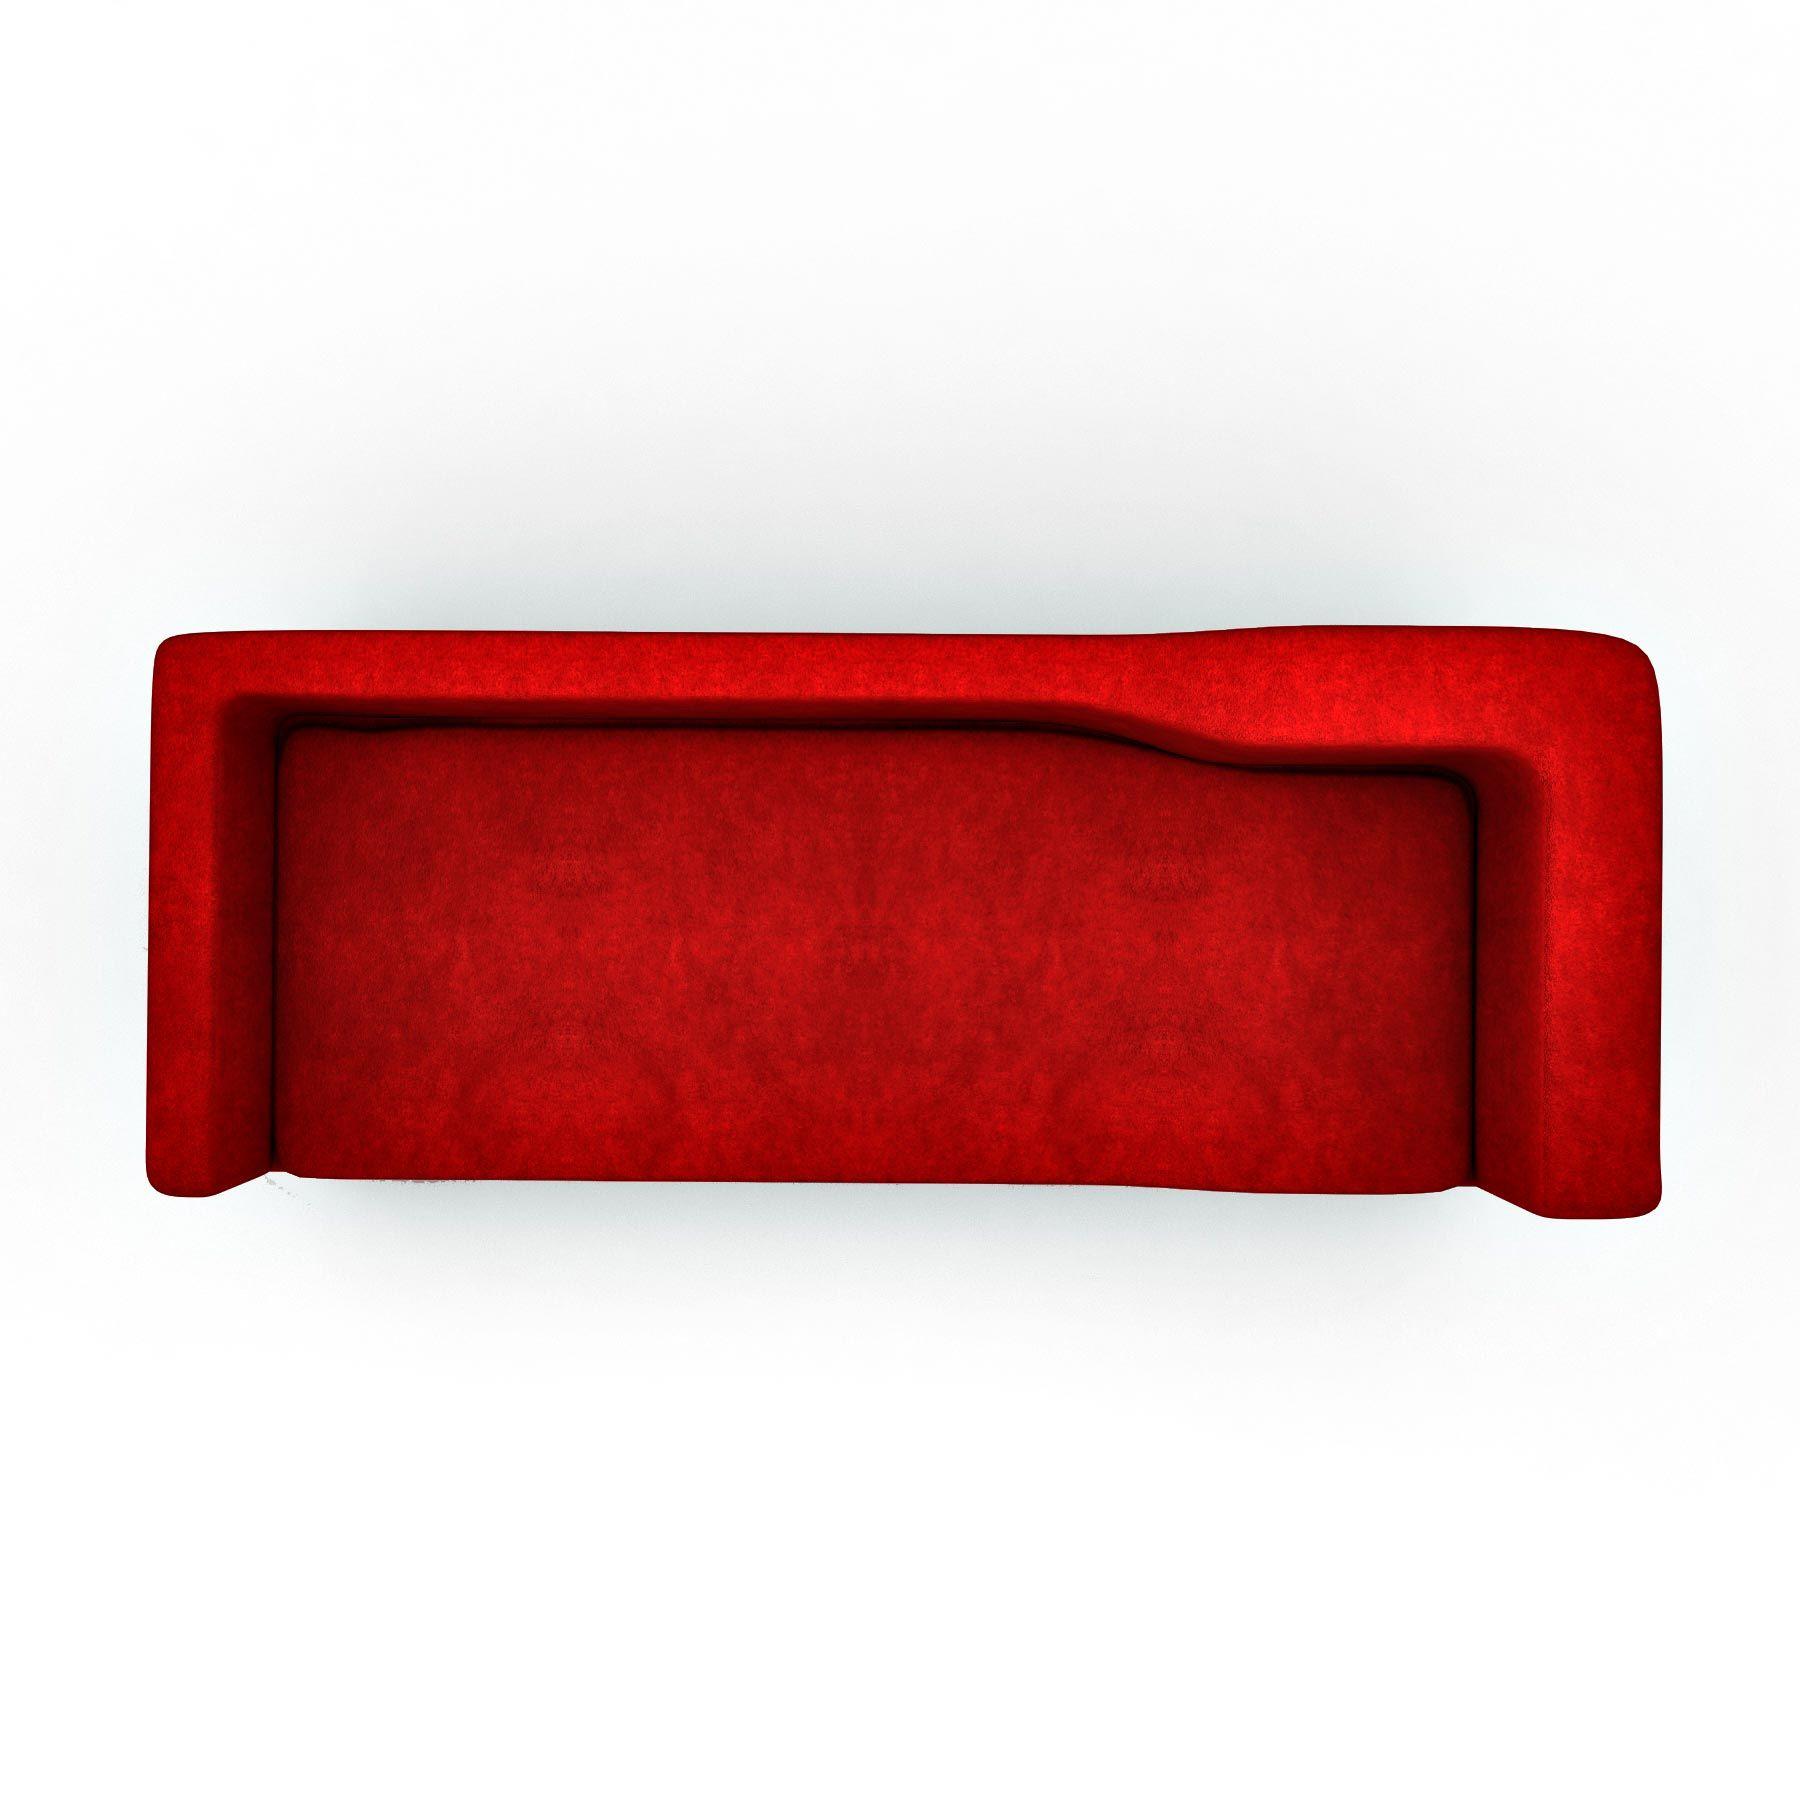 Pin De Mita Fofalia Em Rendering Bed Top View Small